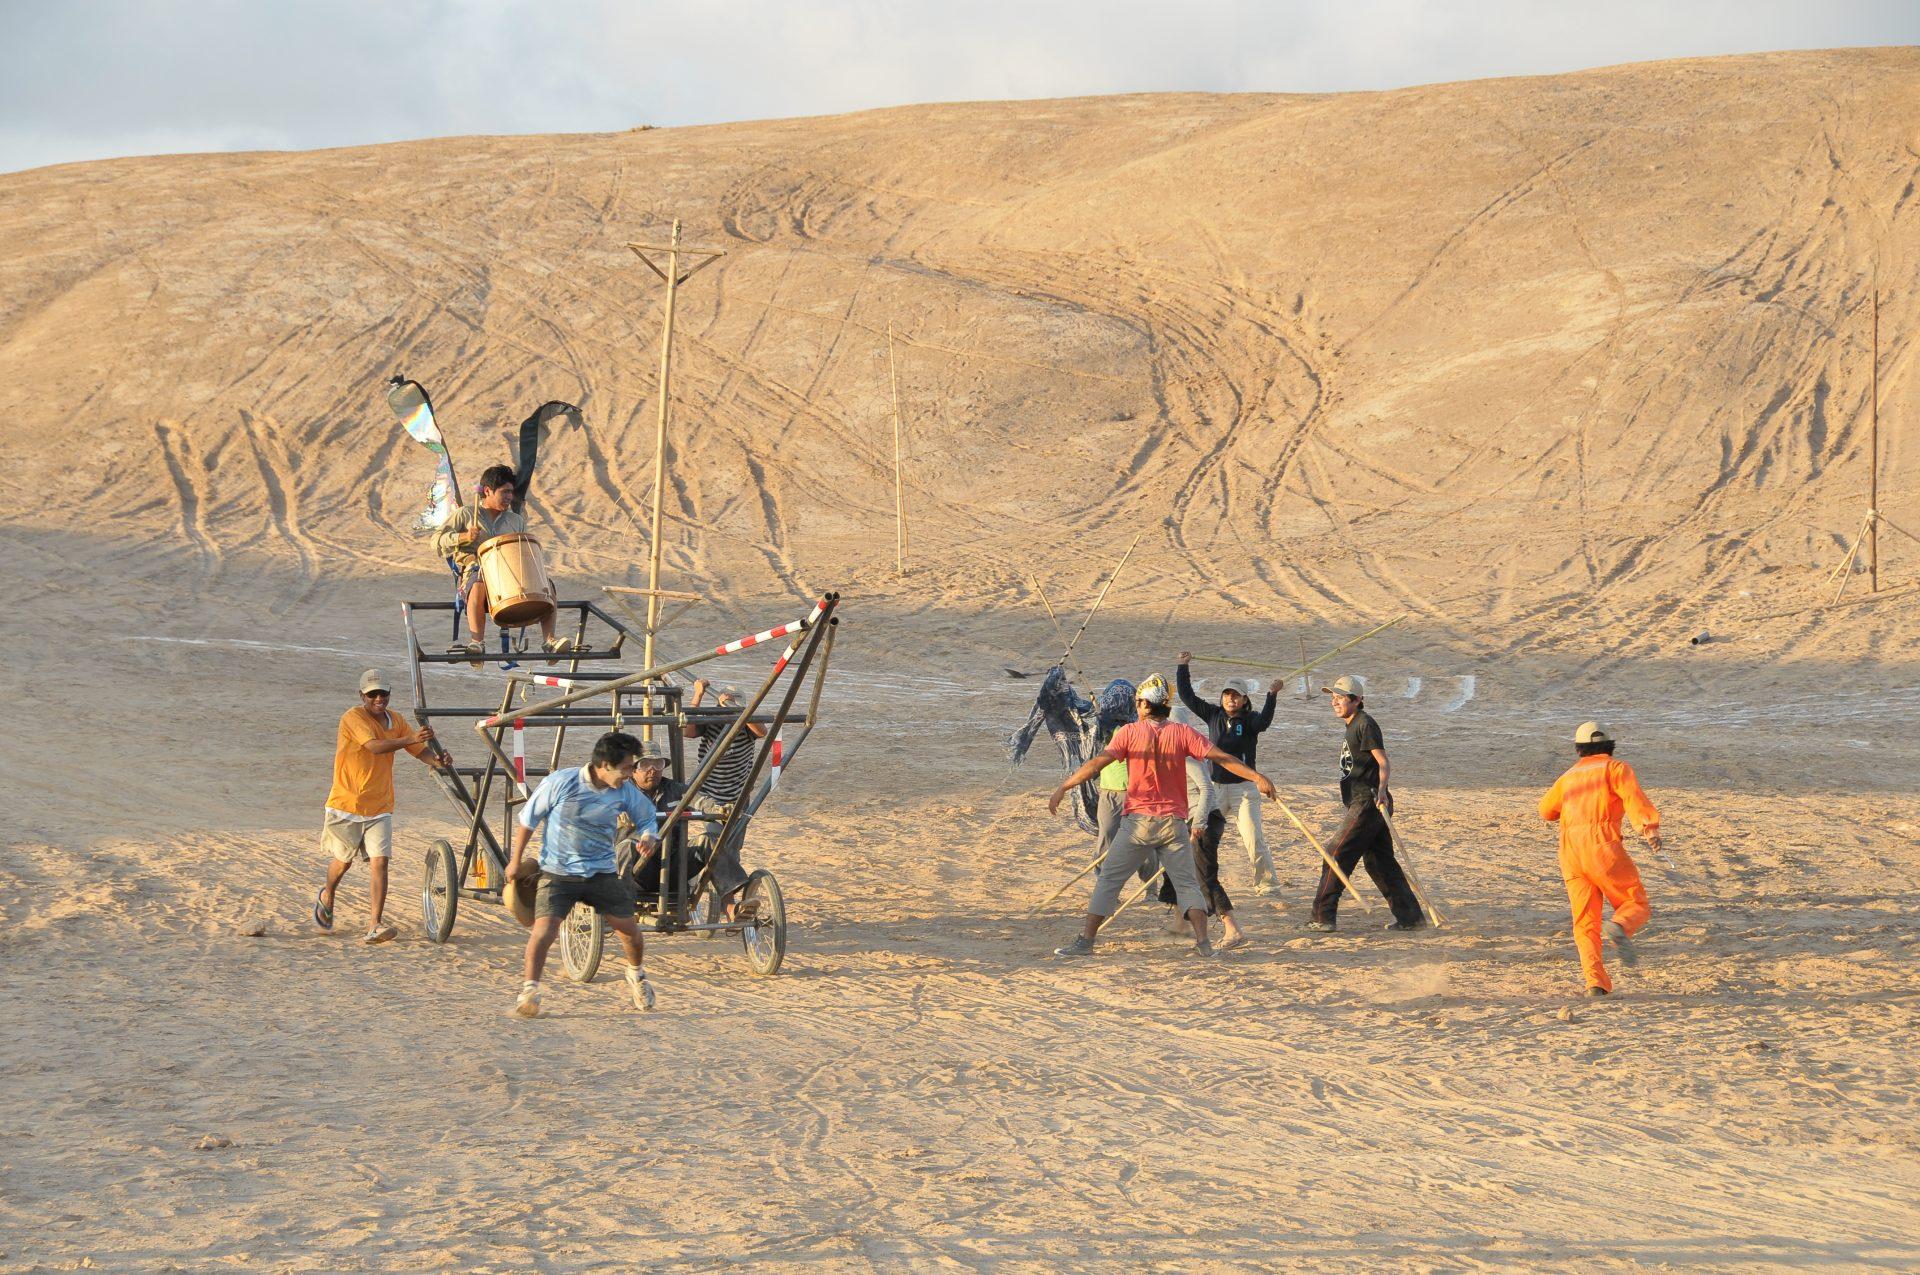 2008_peru_desierto_rehearsal_present3_05_desert